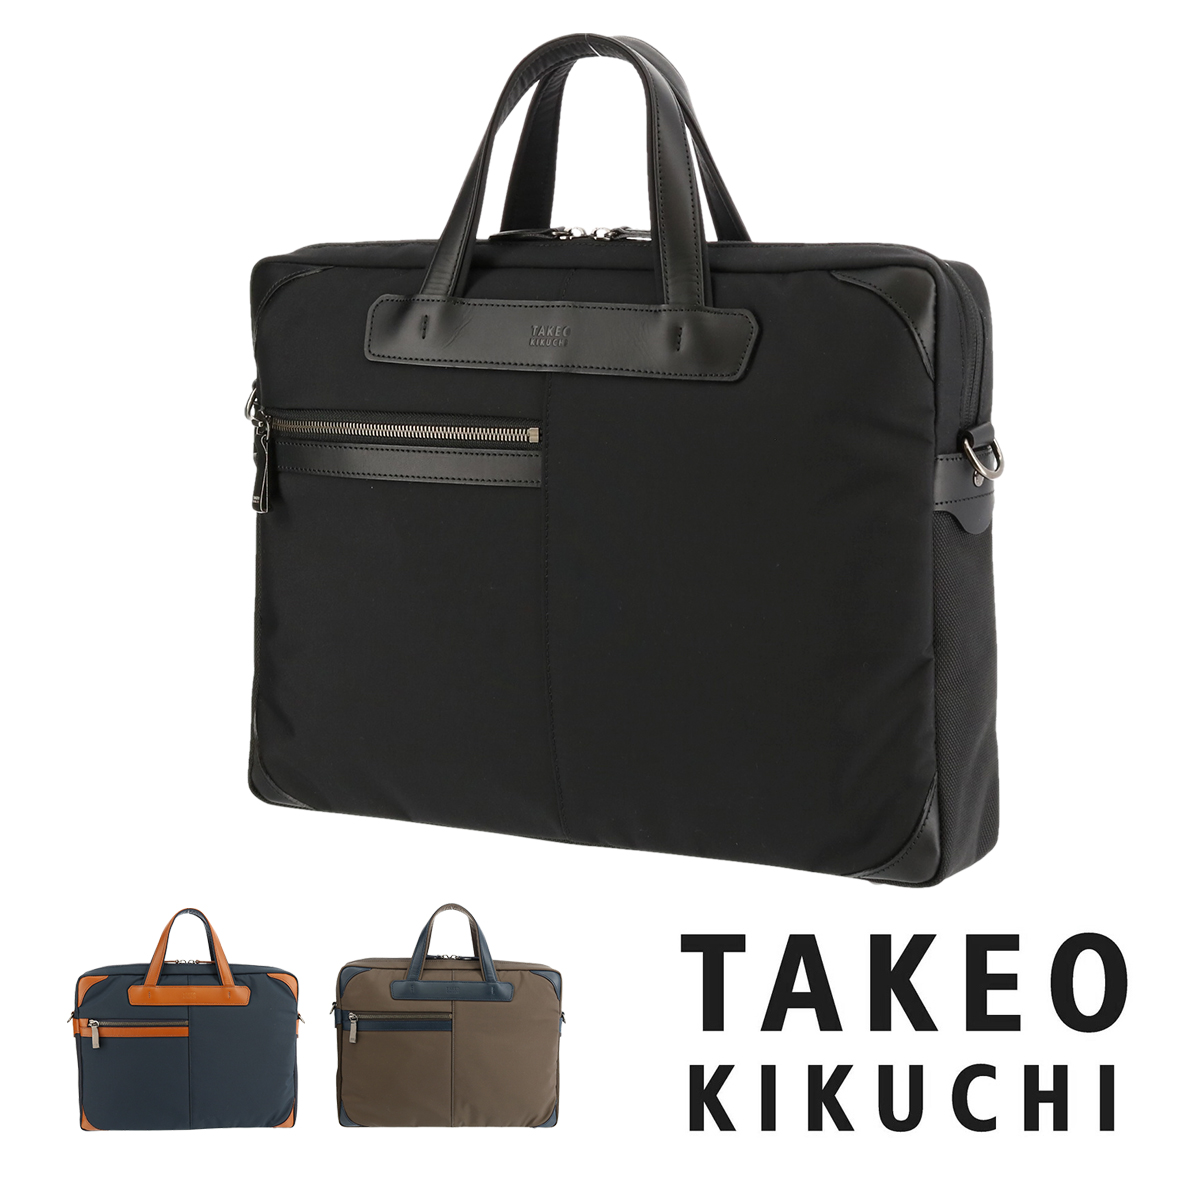 タケオキクチ ブリーフケース 711531 Lloid's(ロイズ) | TAKEO KIKUCHI 2WAY ショルダーバッグ ビジネスバッグ メンズ 撥水【bef】【PO5】